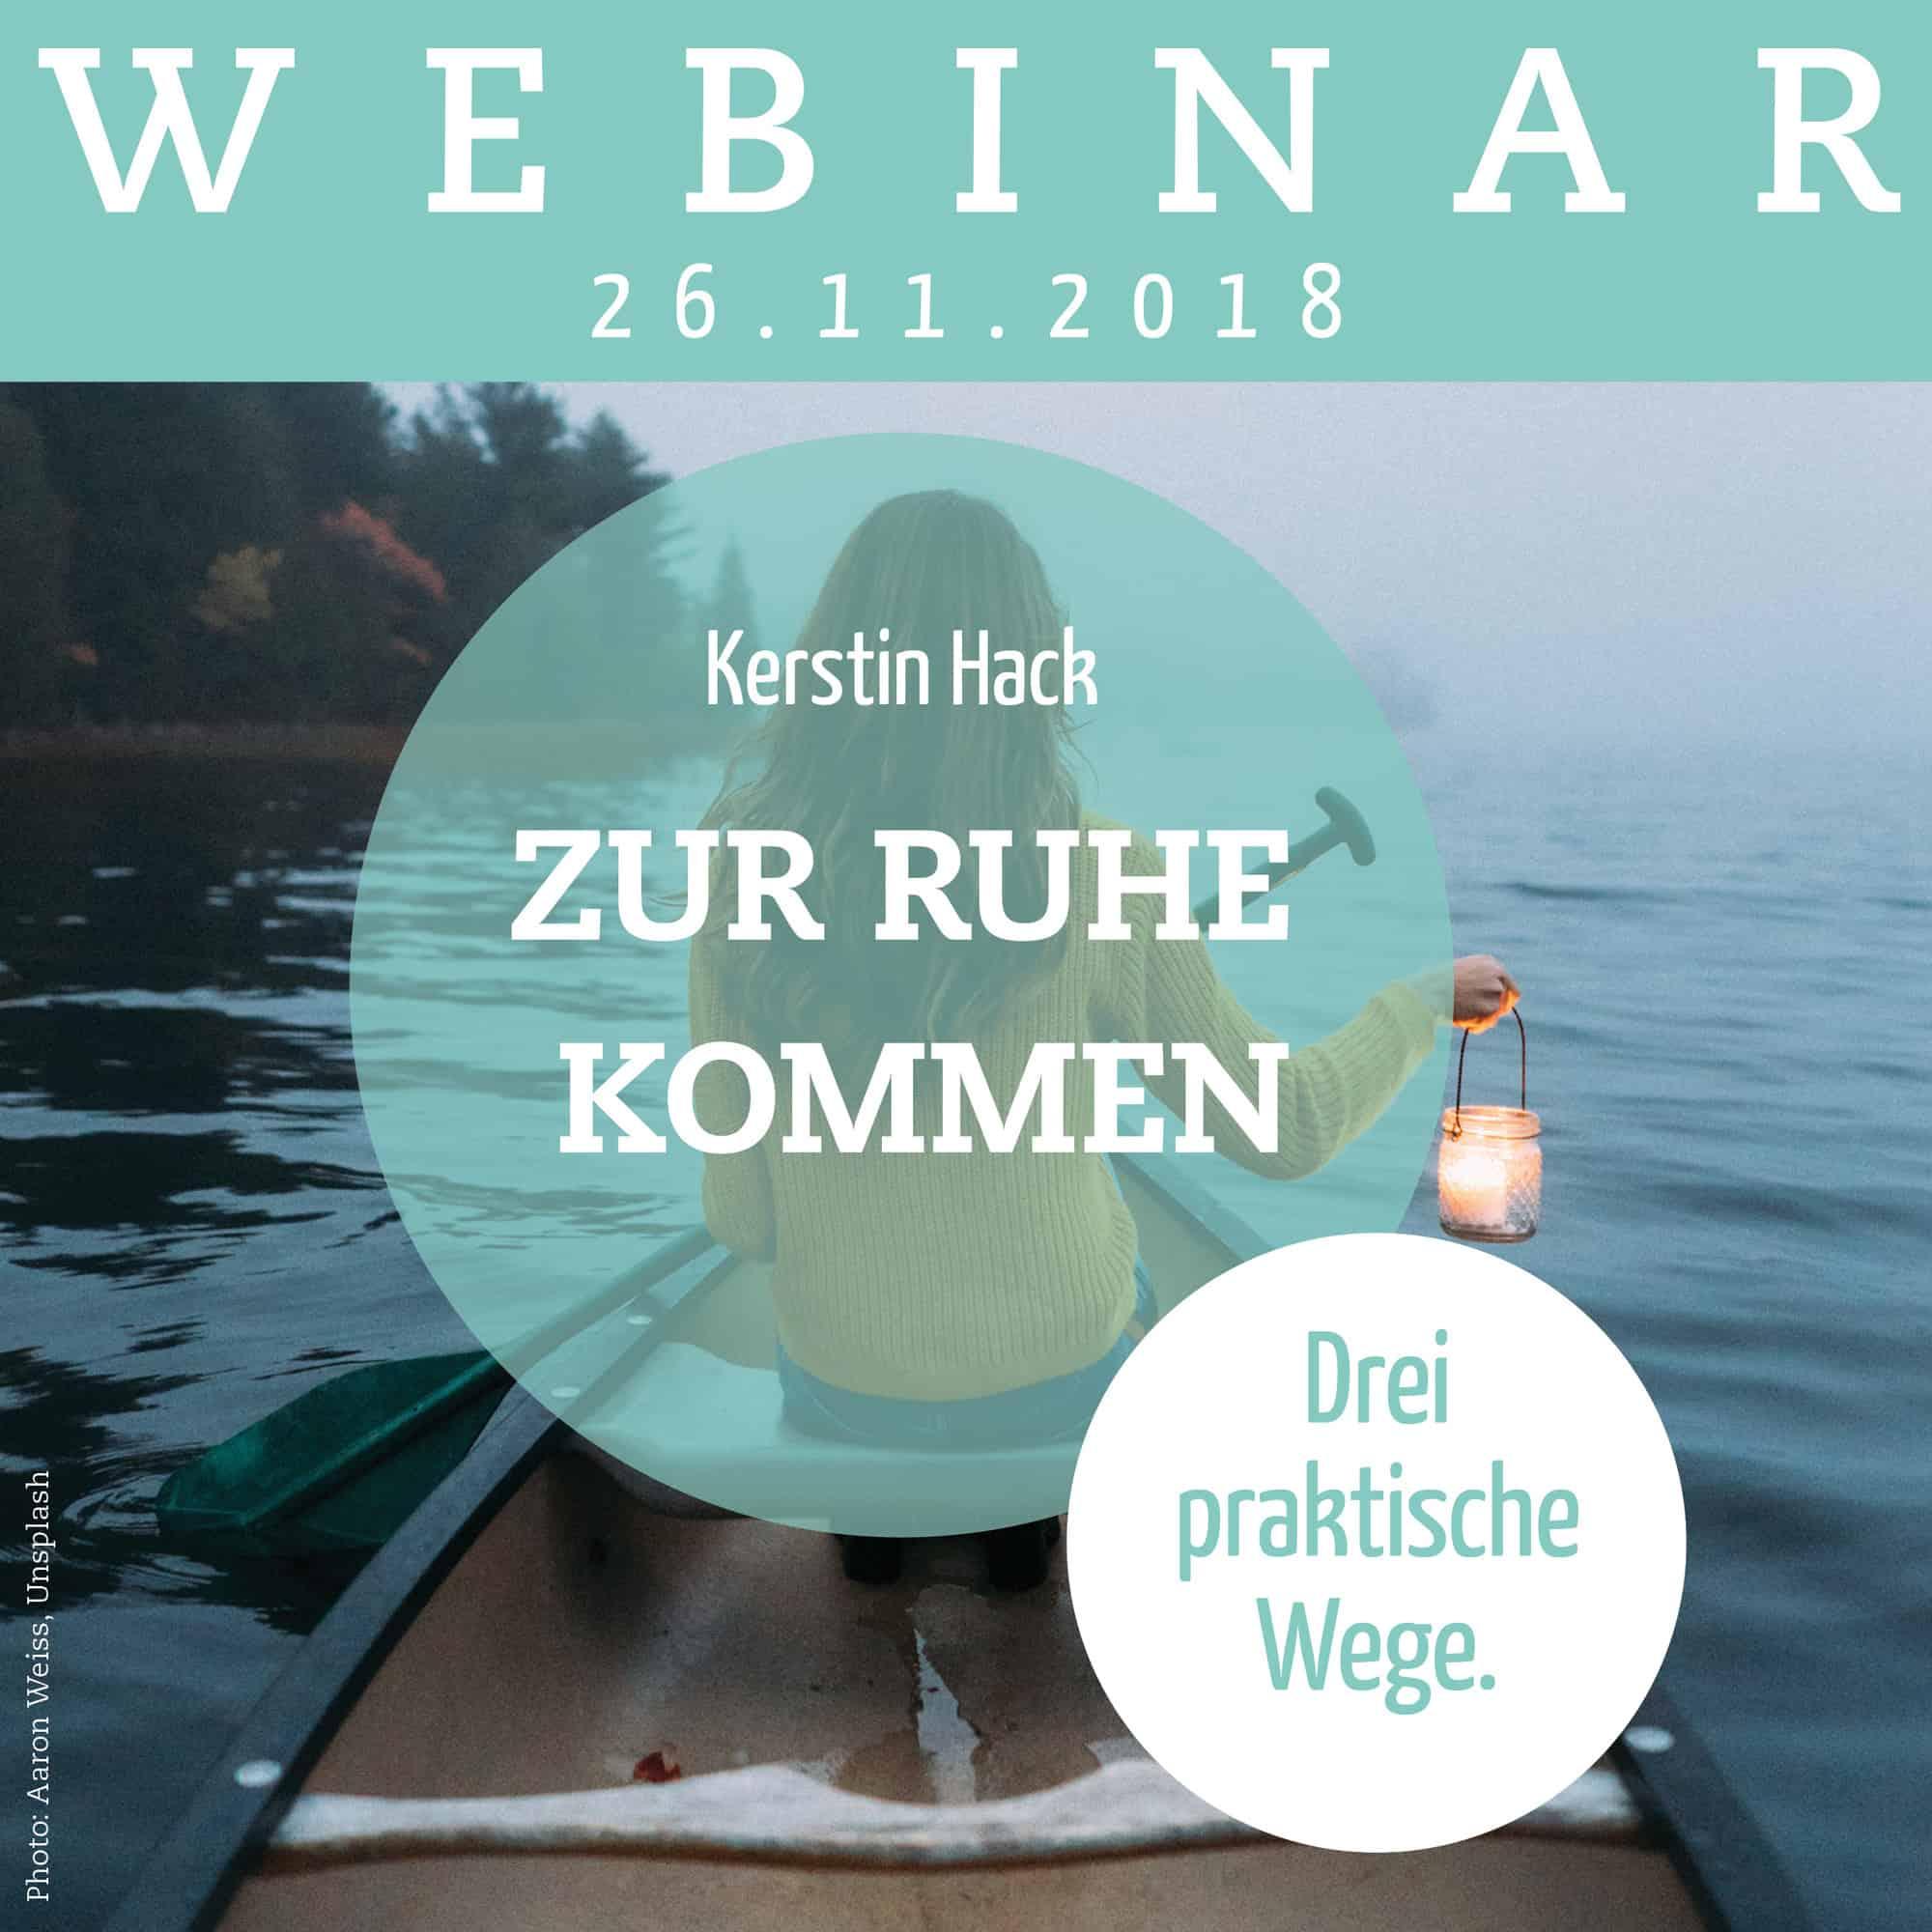 Aufzeichnung Webinar: Zur Ruhe kommen. Drei praktische Wege. https://www.down-to-earth.de/detail/index/sArticle/3695/number/95210